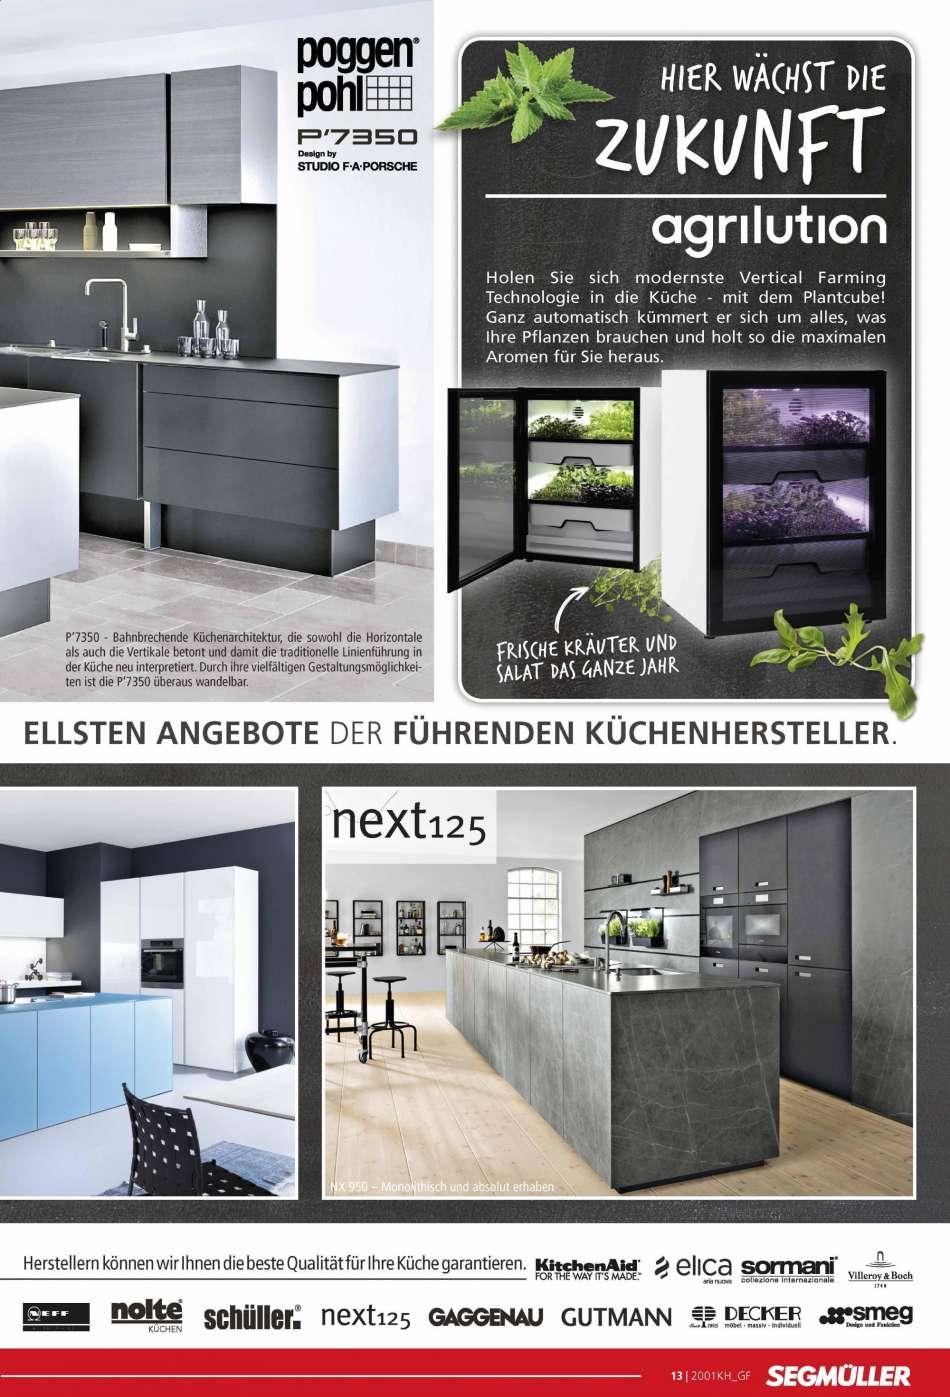 Full Size of Segmller Aktuelles Prospekt 1512020 2712020 Rabatt Kompass Segmüller Küche Küchen Regal Wohnzimmer Segmüller Küchen